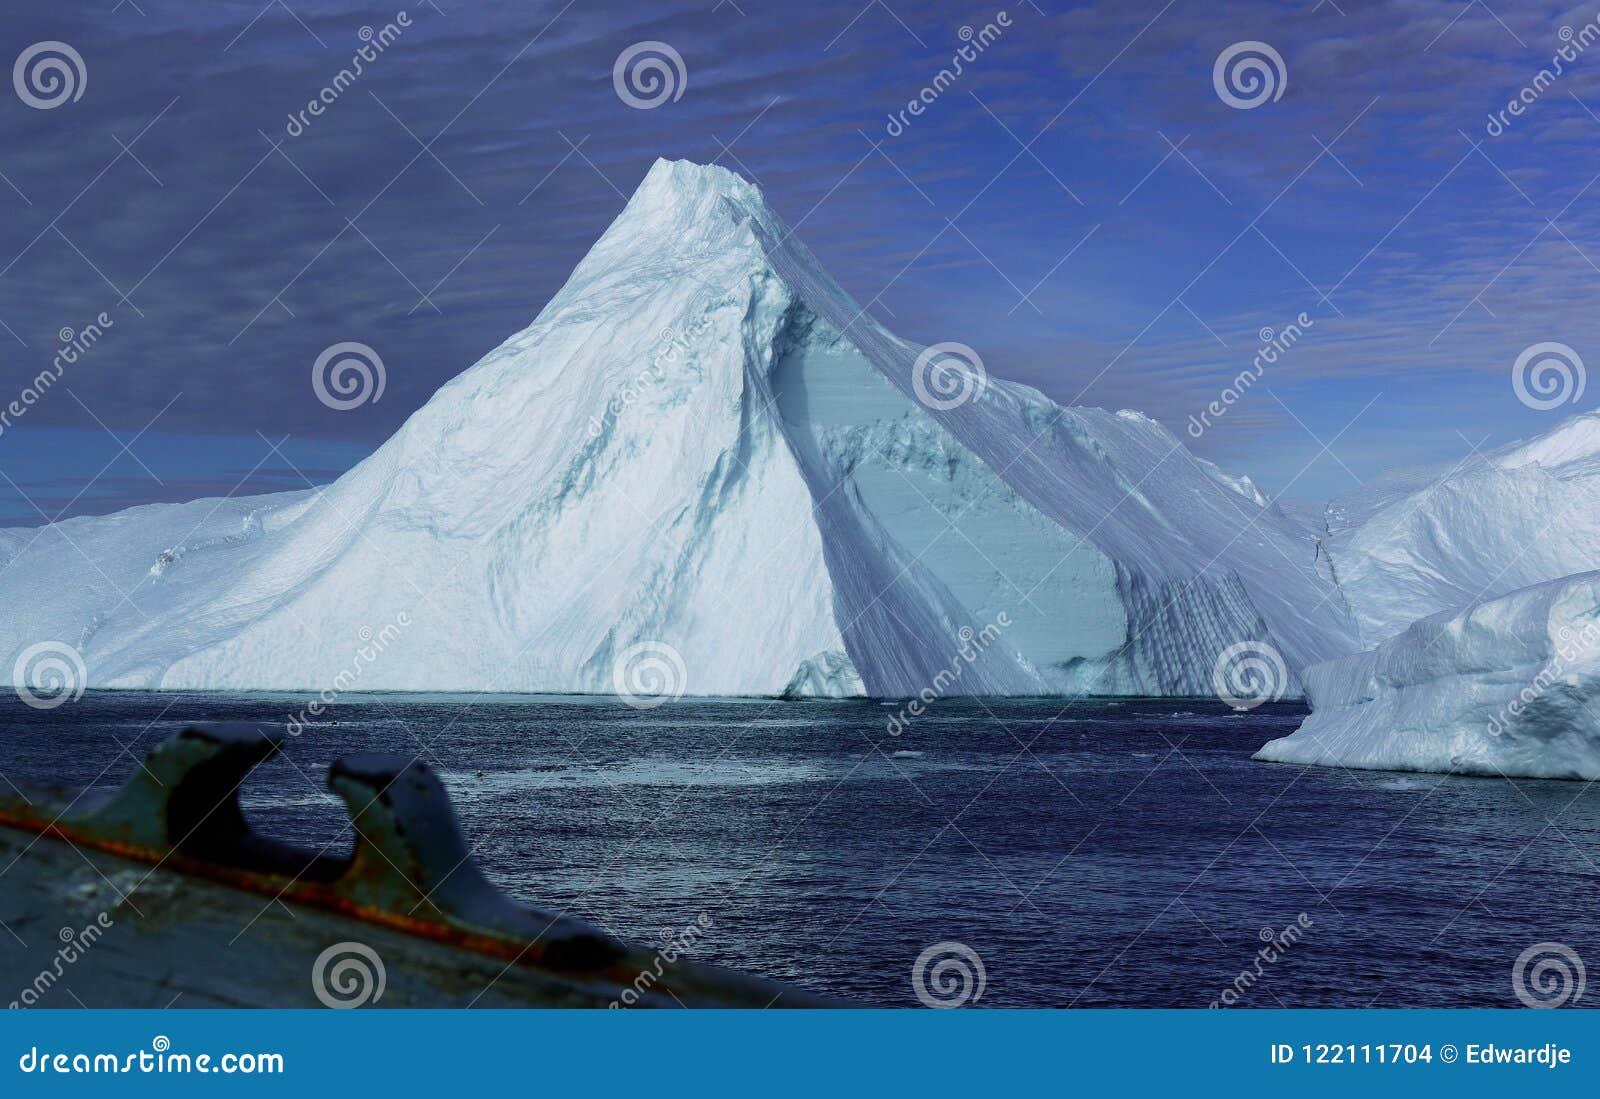 Ijsbergen in Groenland